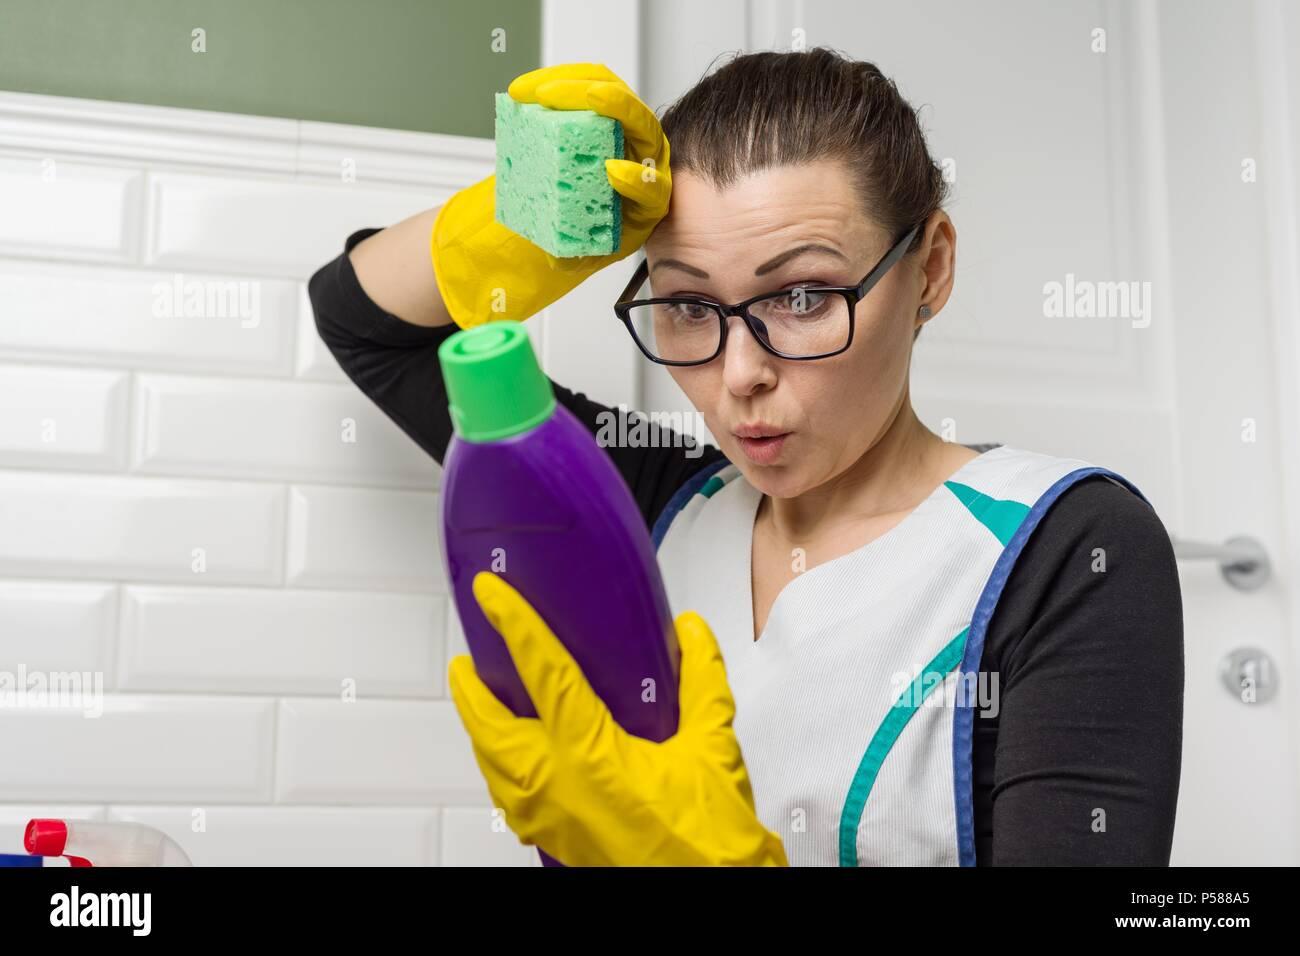 Donna casalinga fa la pulizia con lettura di interesse le istruzioni sul detersivo. Immagini Stock